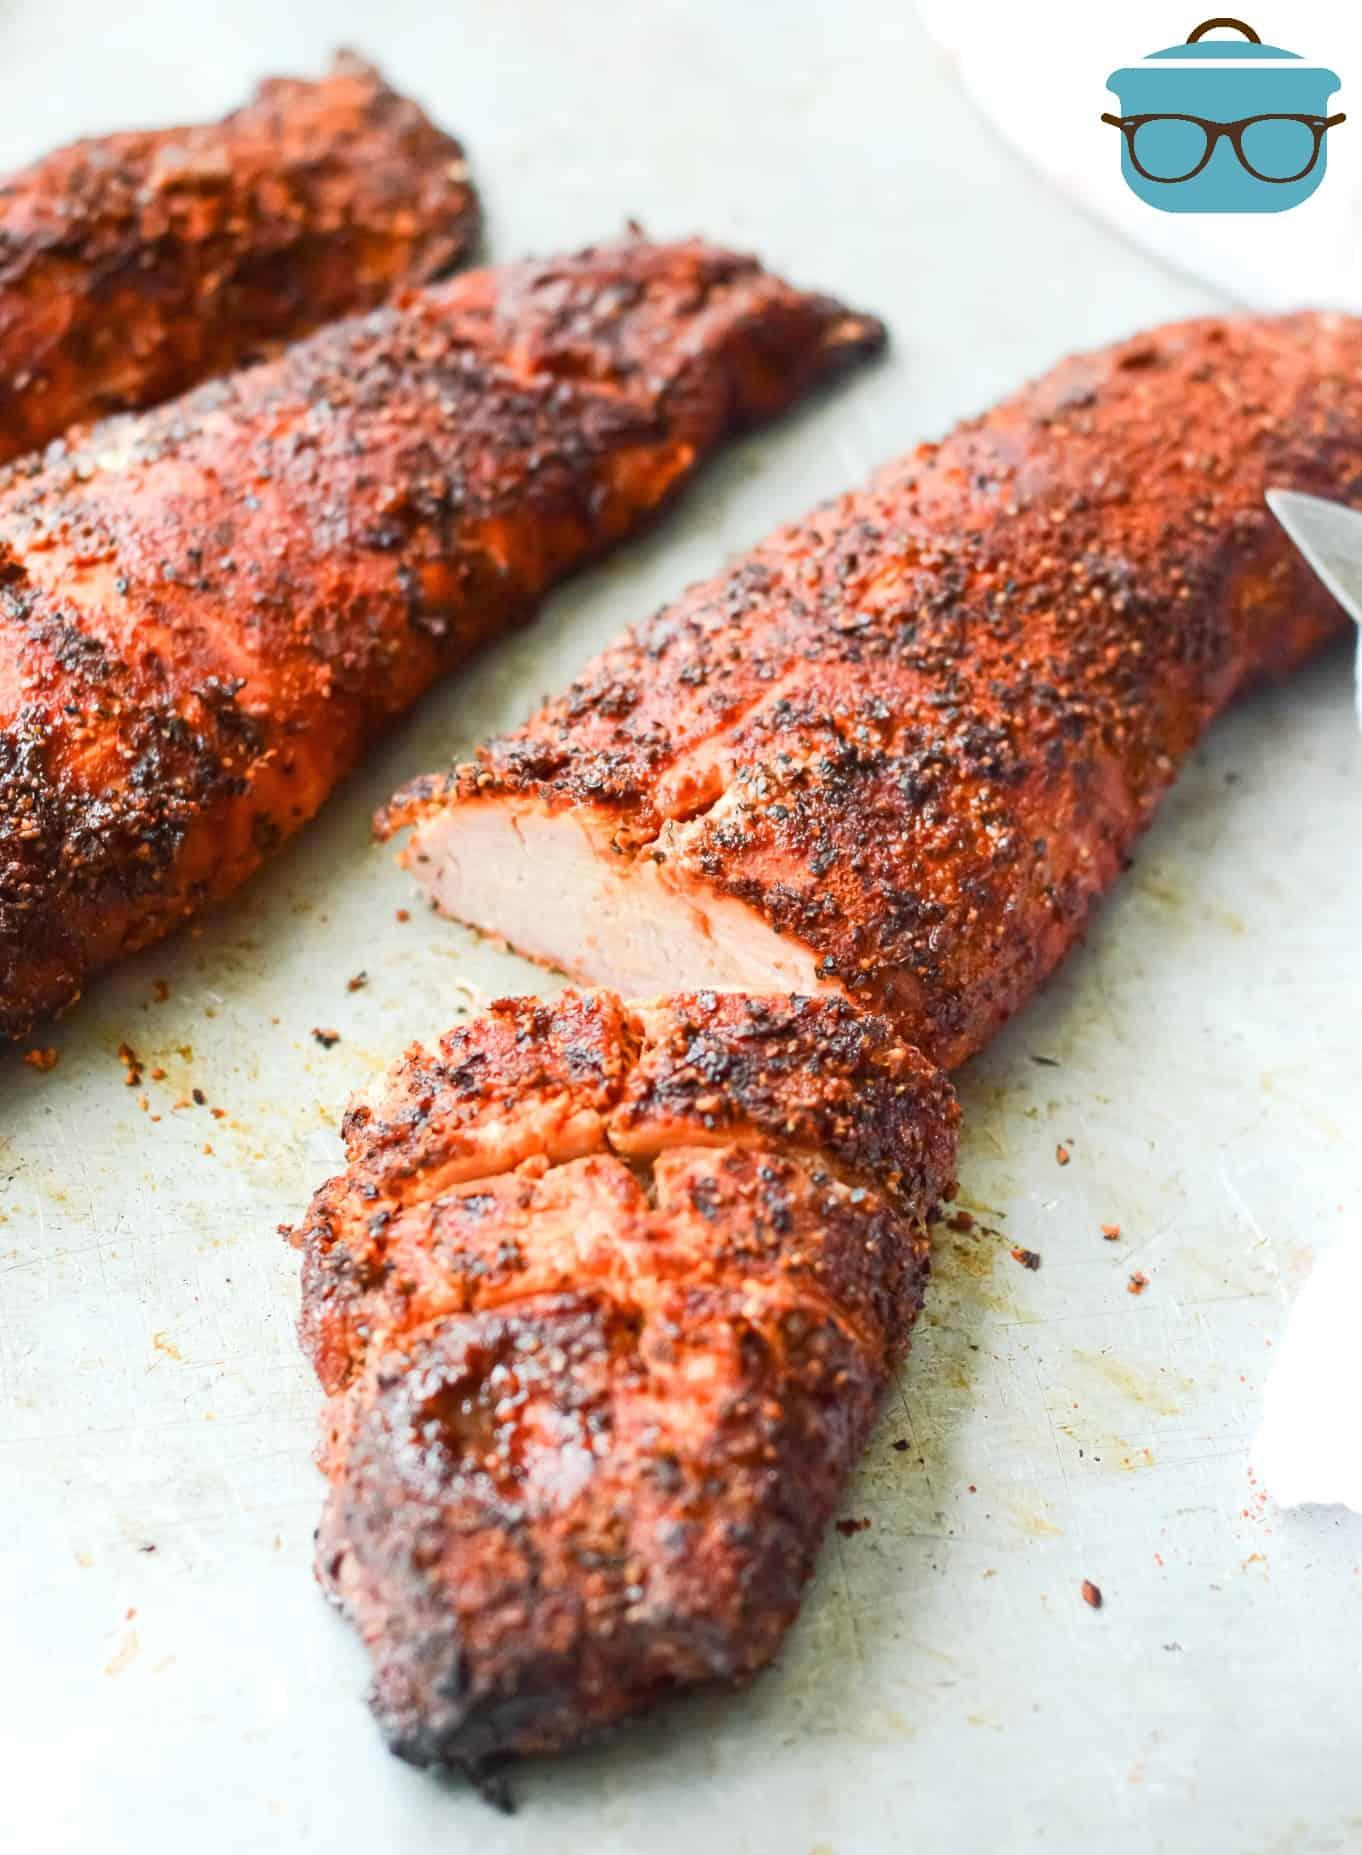 smoked pork tenderloin sliced on a baking tray.